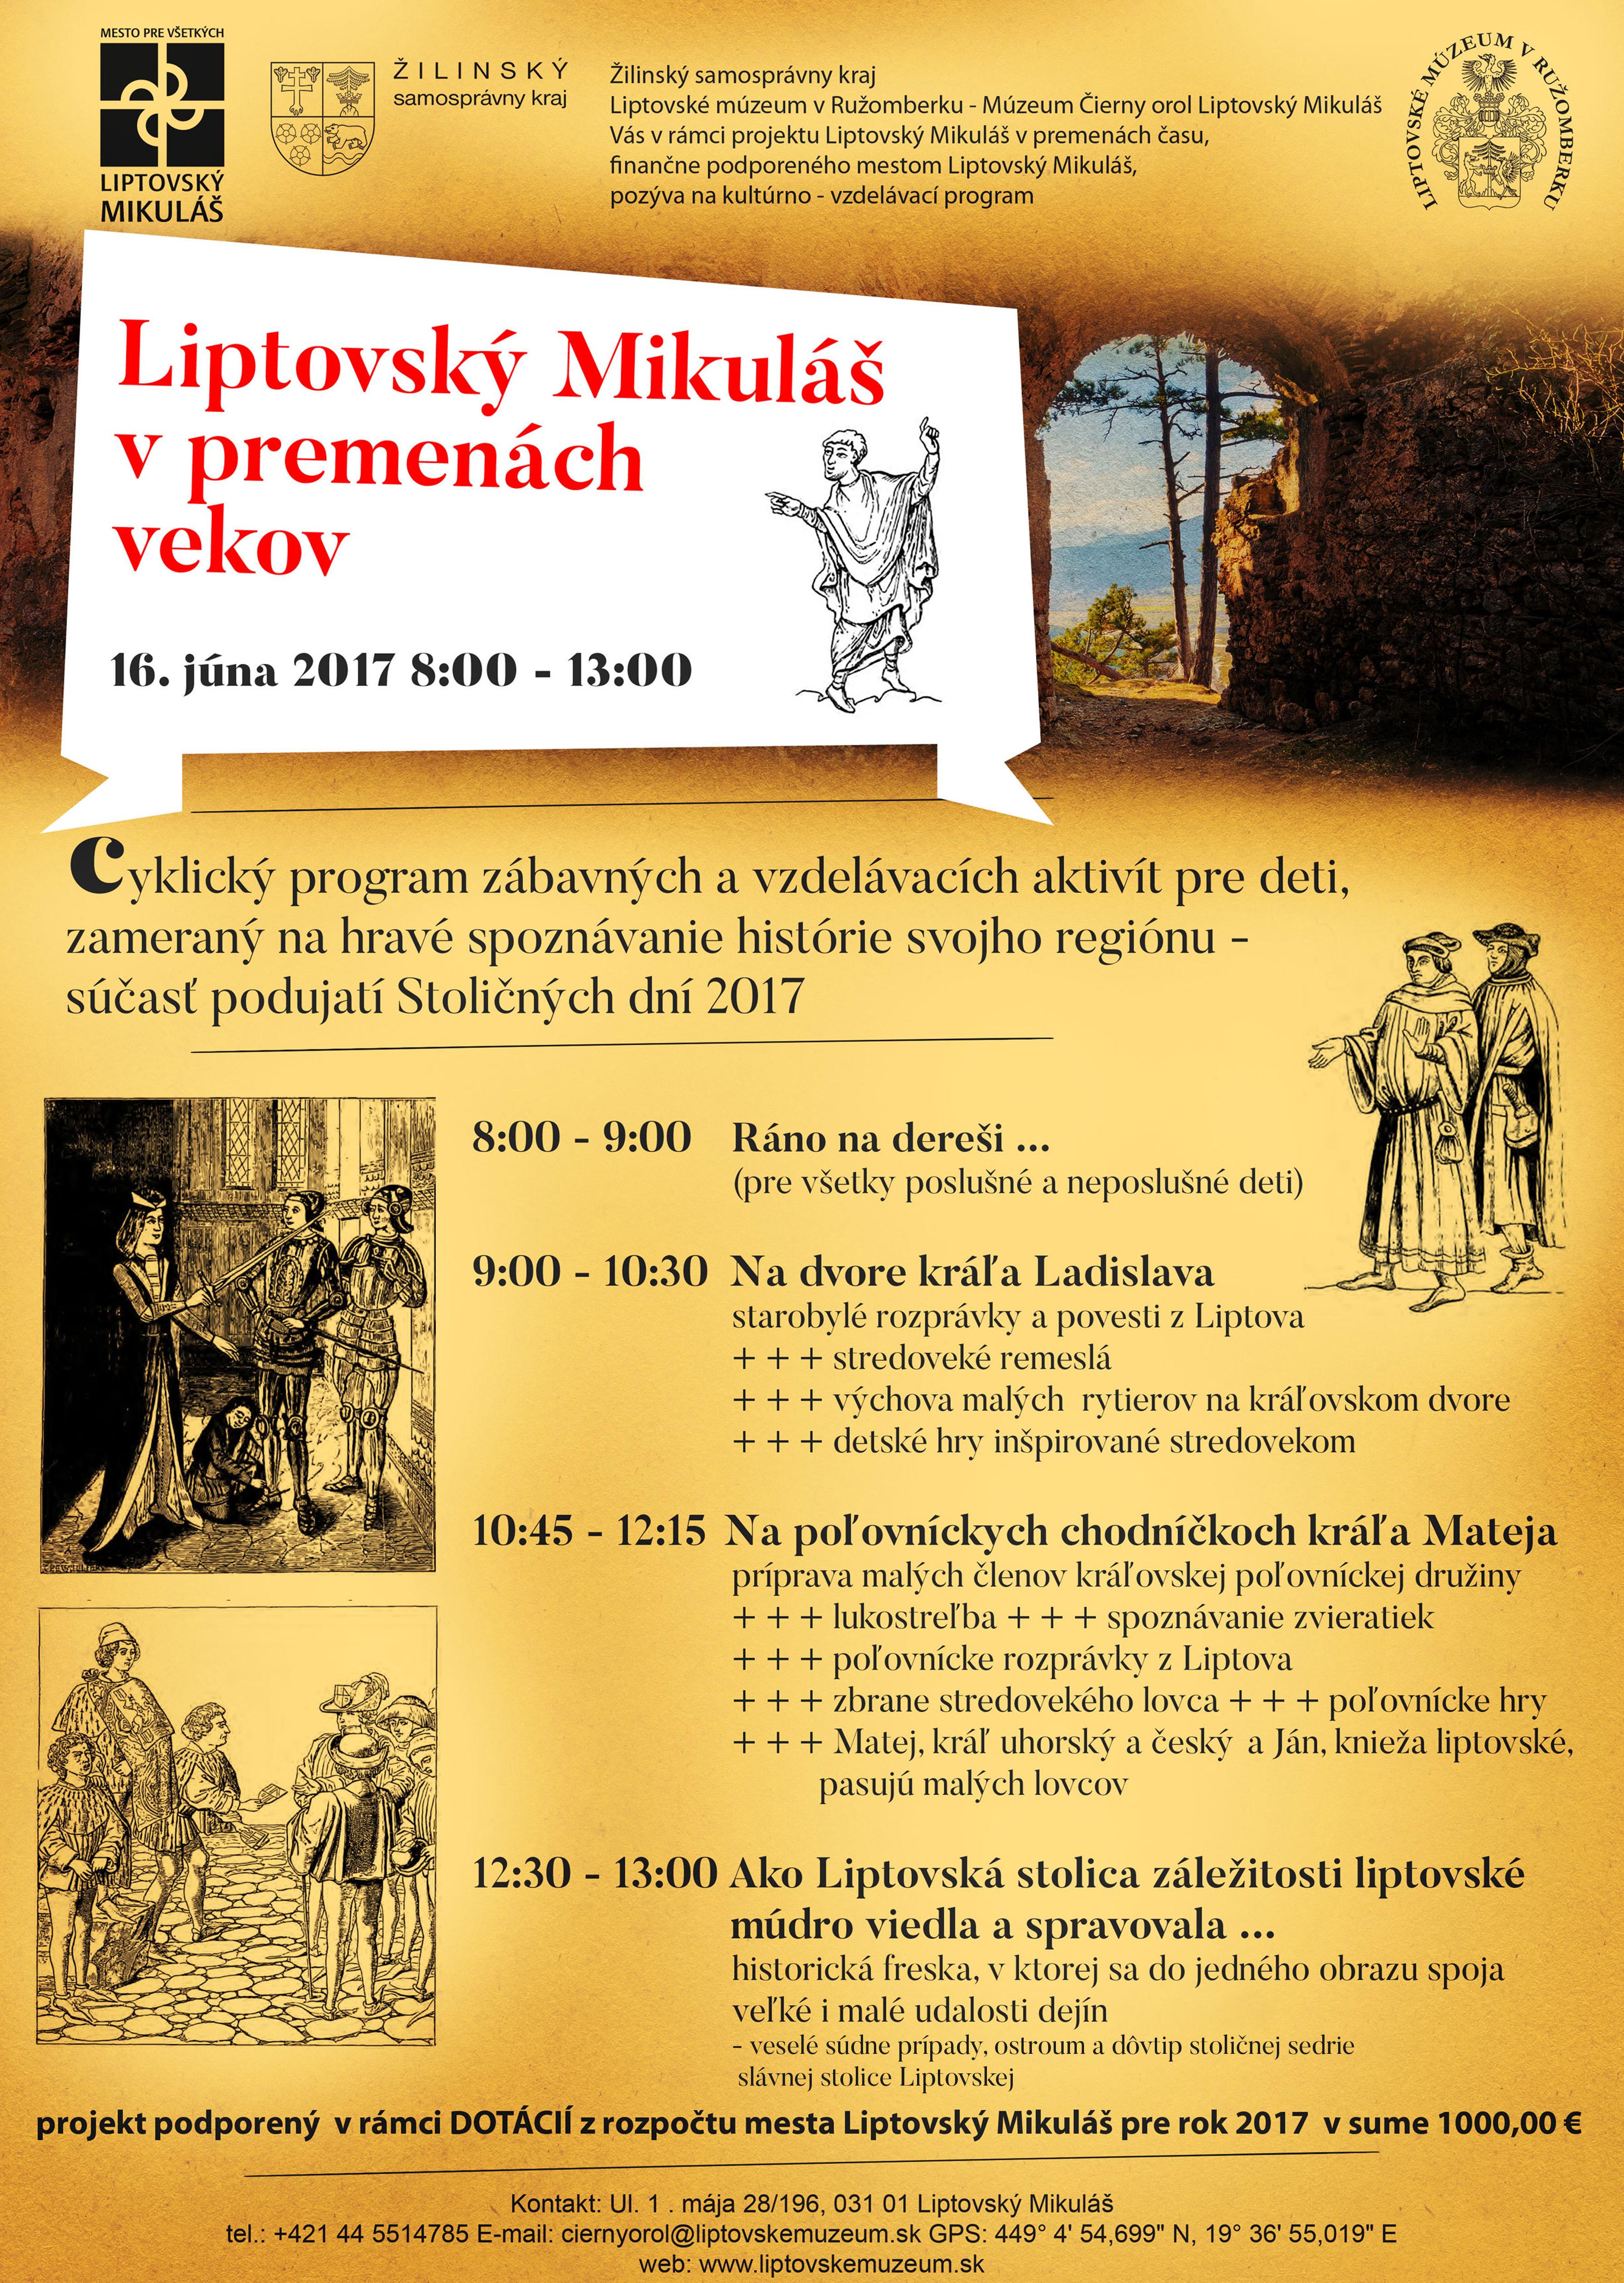 Liptovský-Mikuláš-v-premenách-vekov